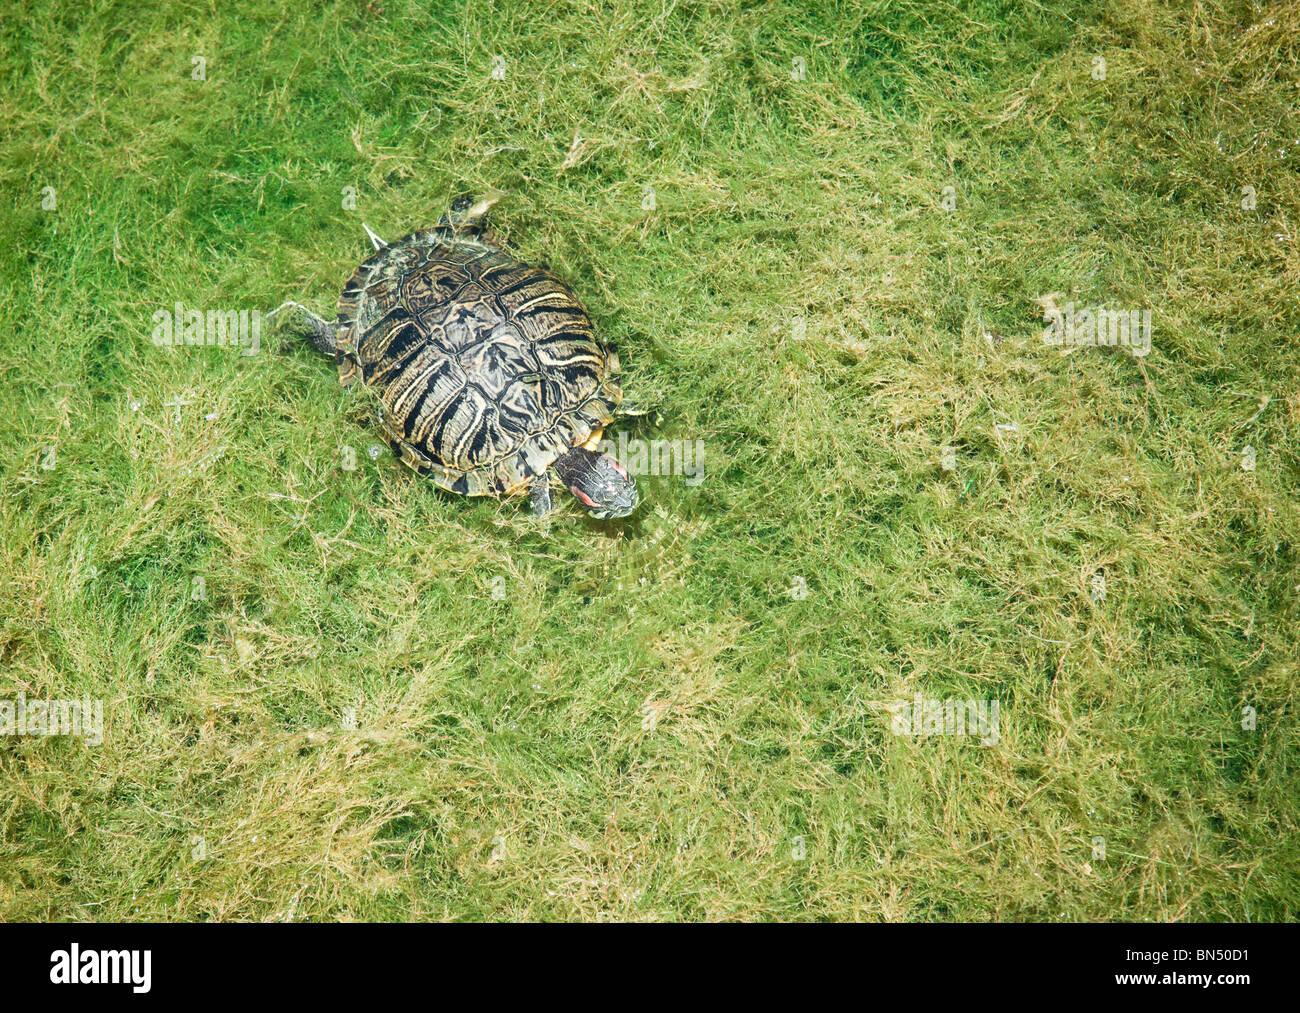 Une tortue nageant à travers le feuillage épais Photo Stock